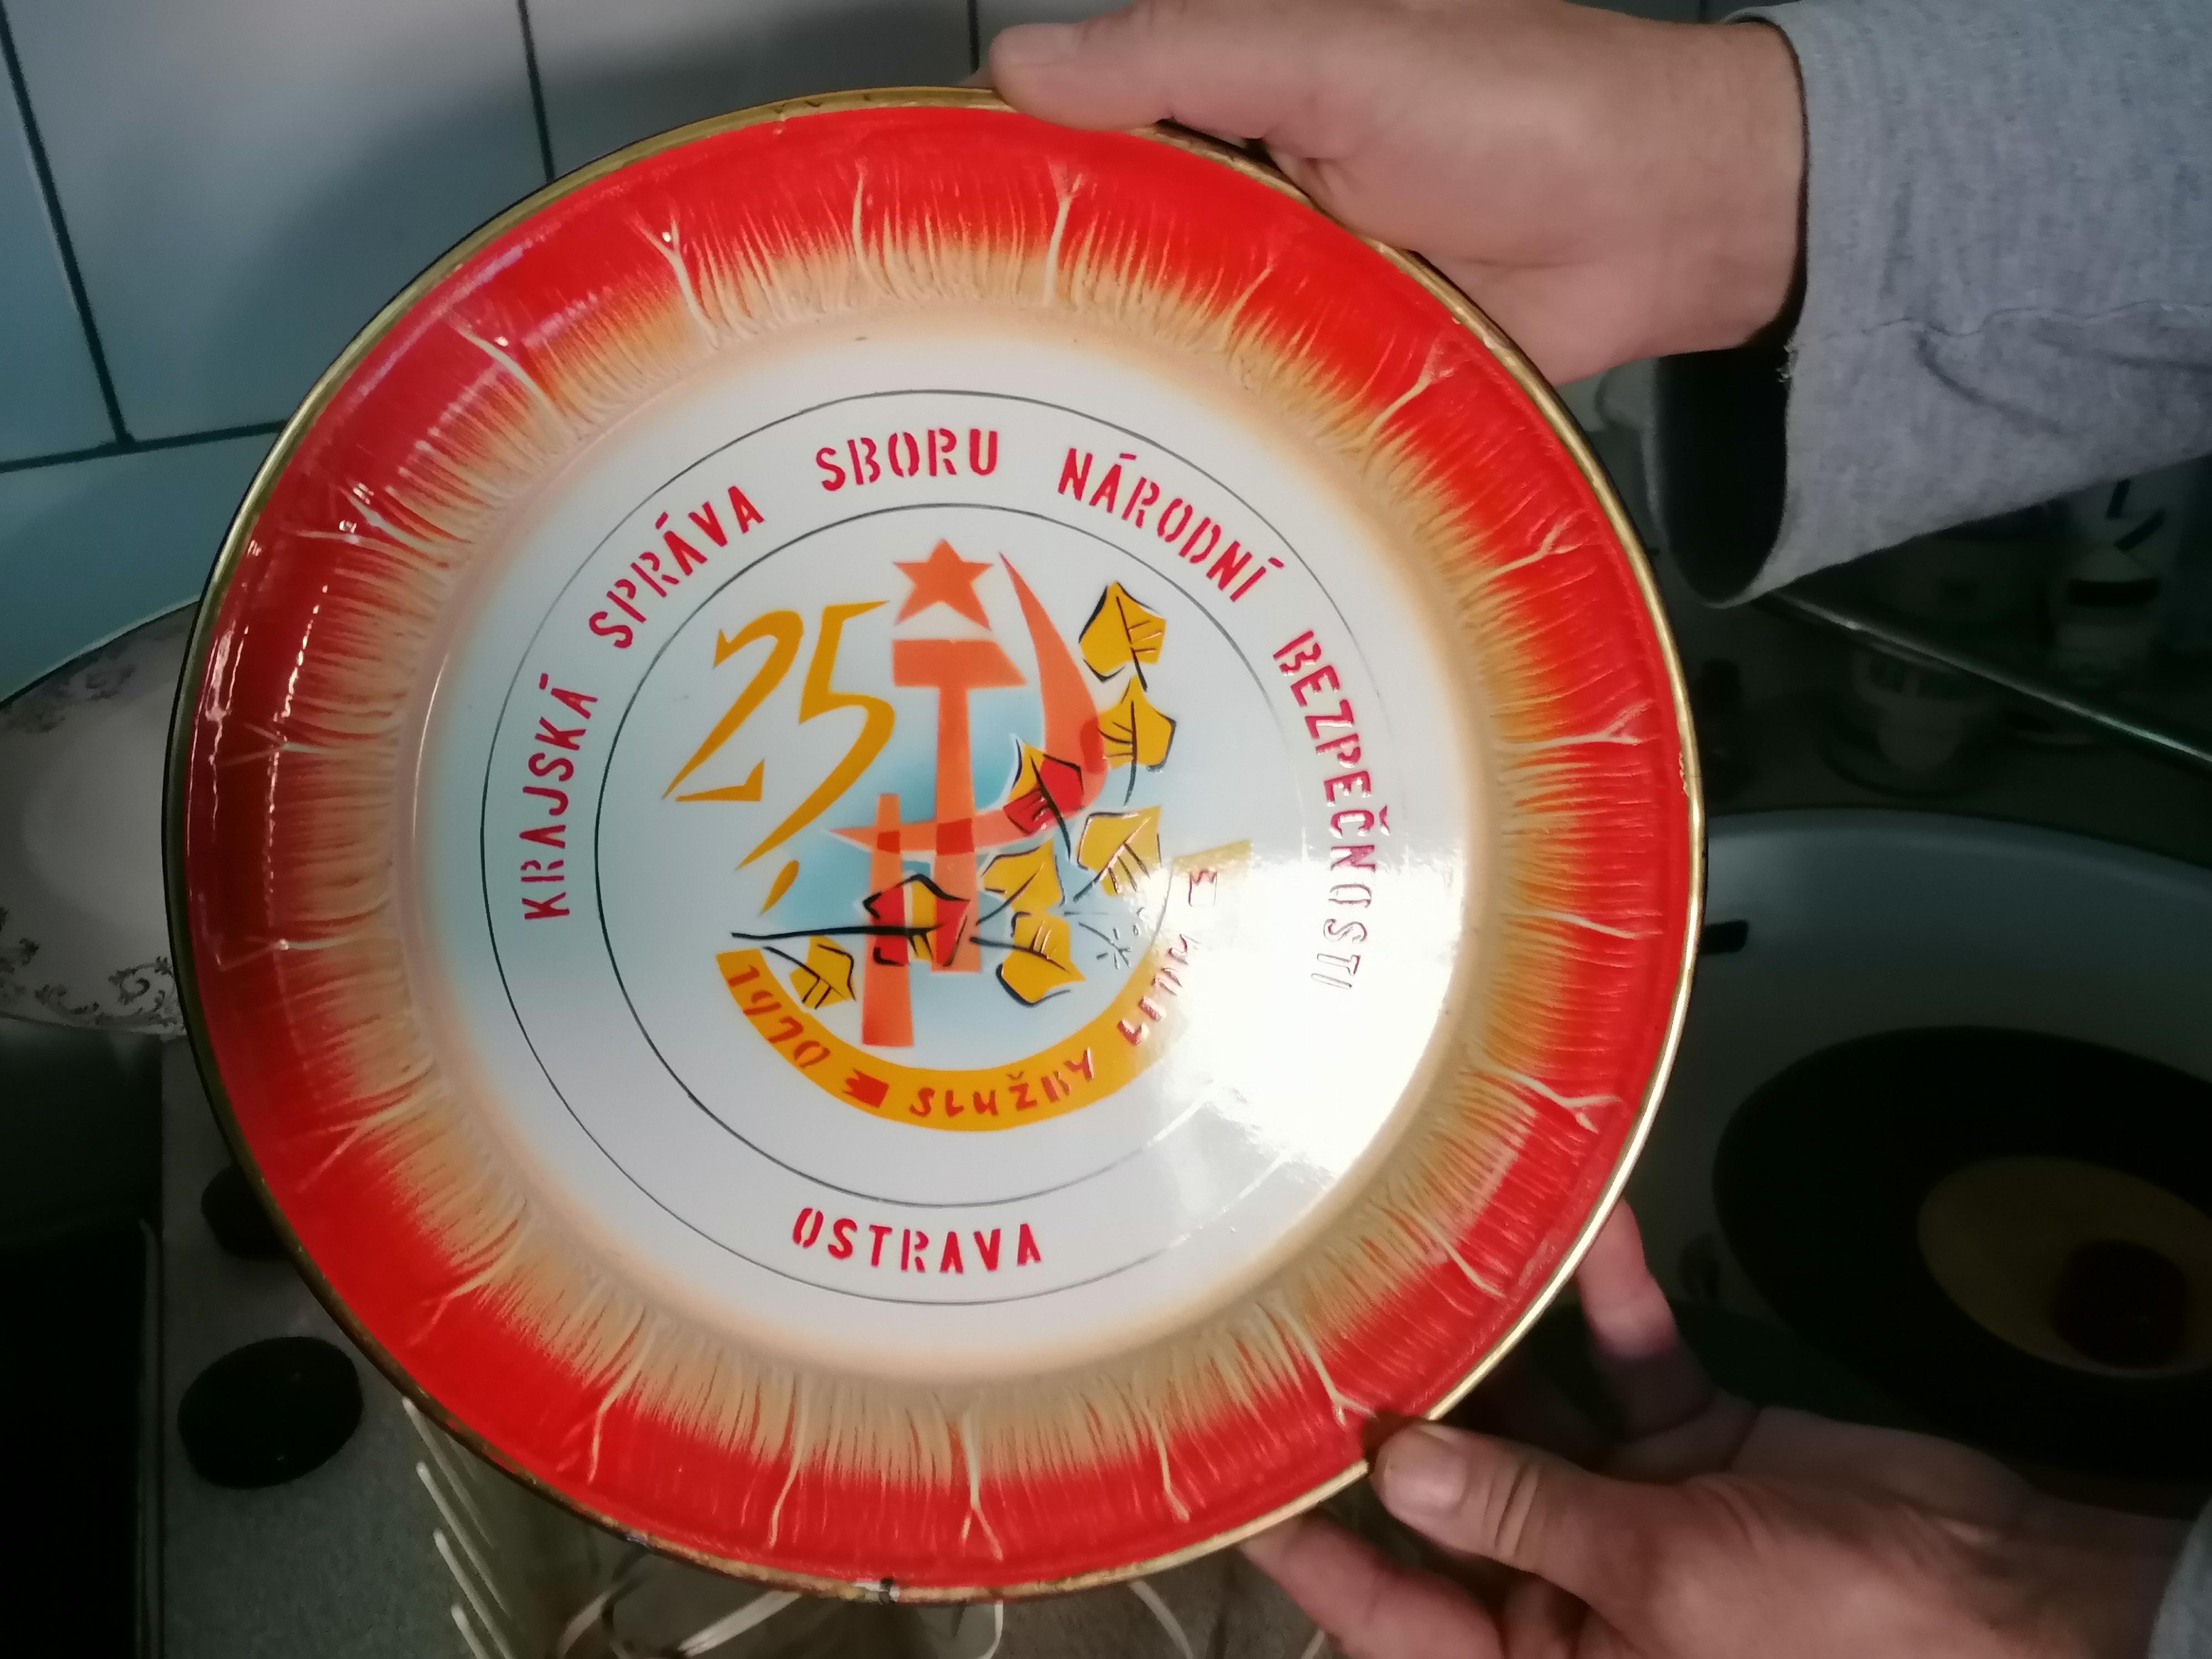 V expozici je k vidění třeba pamětní talíř věnovaný za věrné služby ve Sboru národní bezpečnosti (SNB), s malovaným srpem a kladivem.